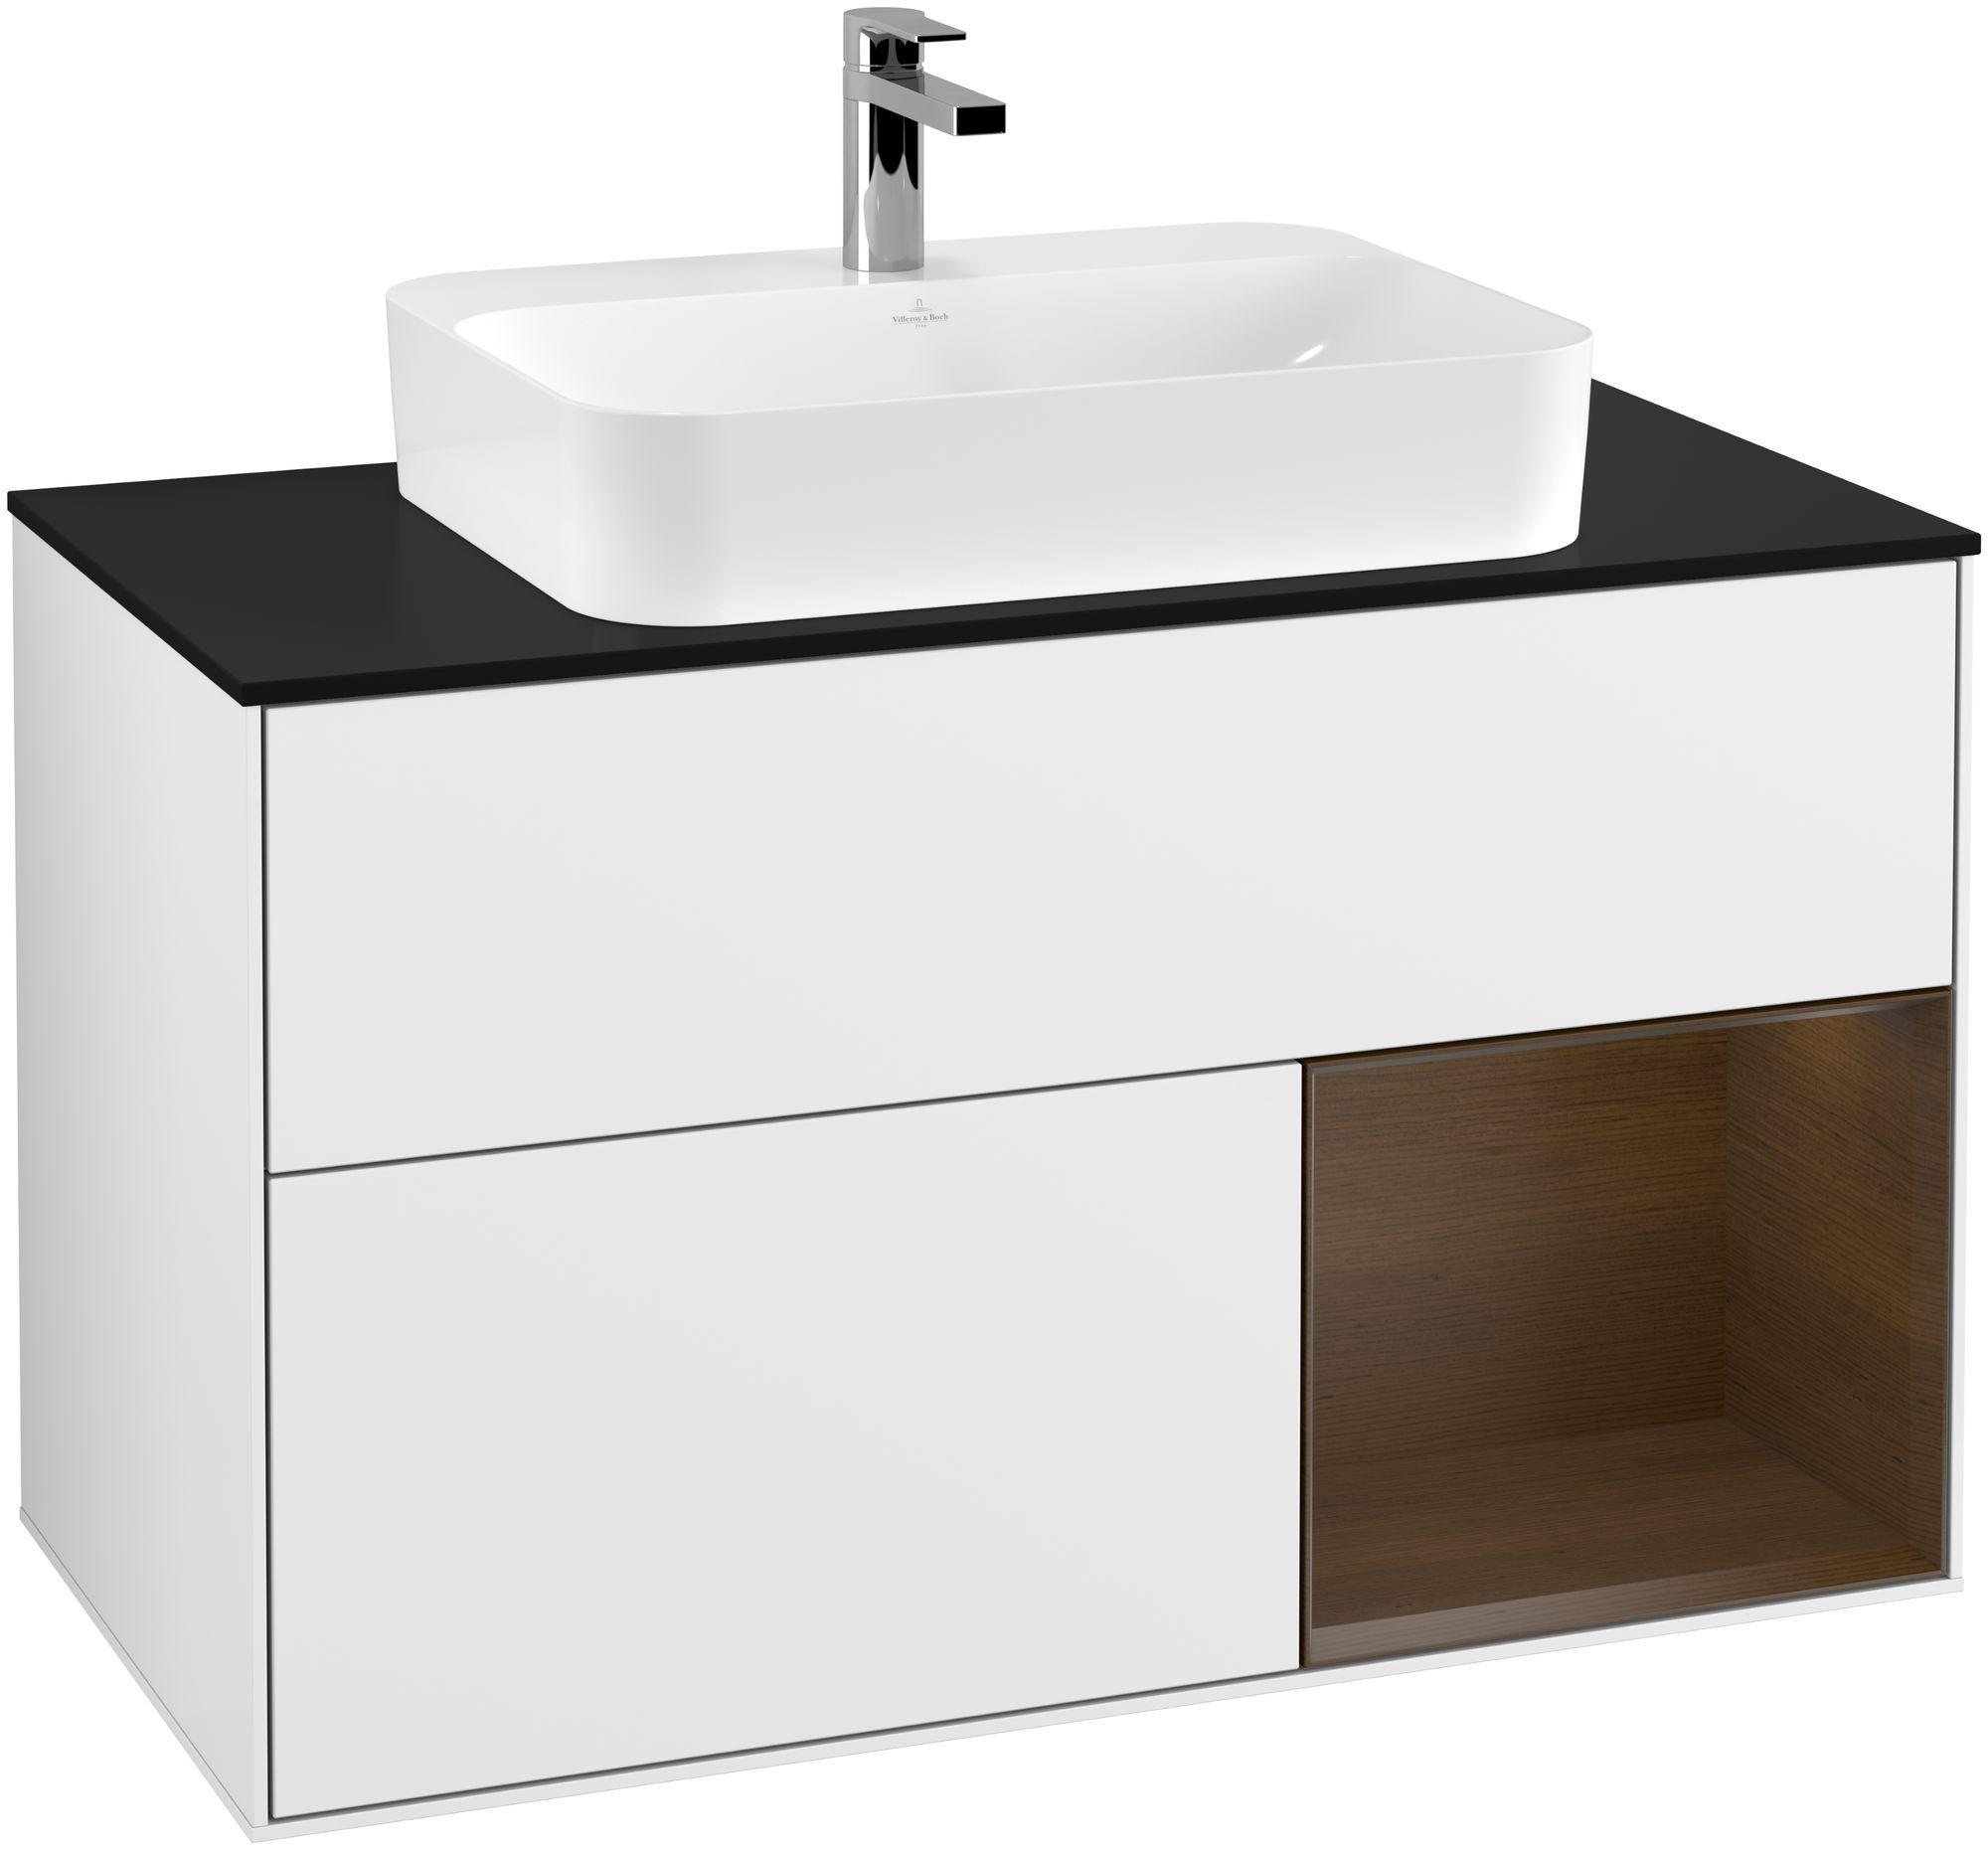 Villeroy & Boch Finion G37 Waschtischunterschrank mit Regalelement 2 Auszüge für WT mittig LED-Beleuchtung B:100xH:60,3xT:50,1cm Front, Korpus: Glossy White Lack, Regal: Walnut Veneer, Glasplatte: Black Matt G372GNGF